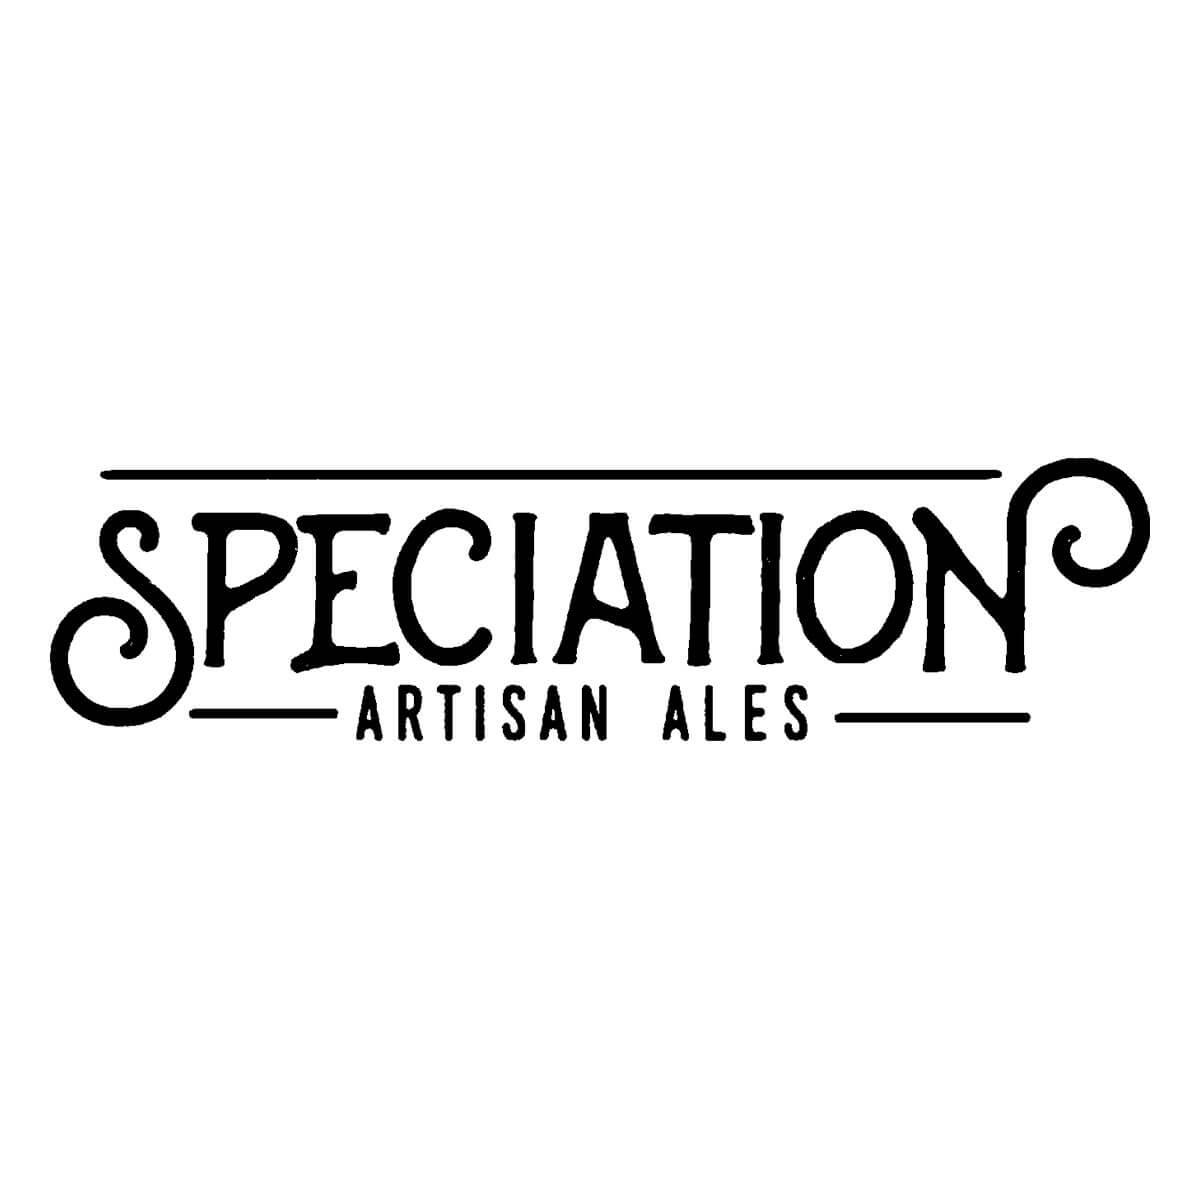 Speciation Artisan Ales Logo